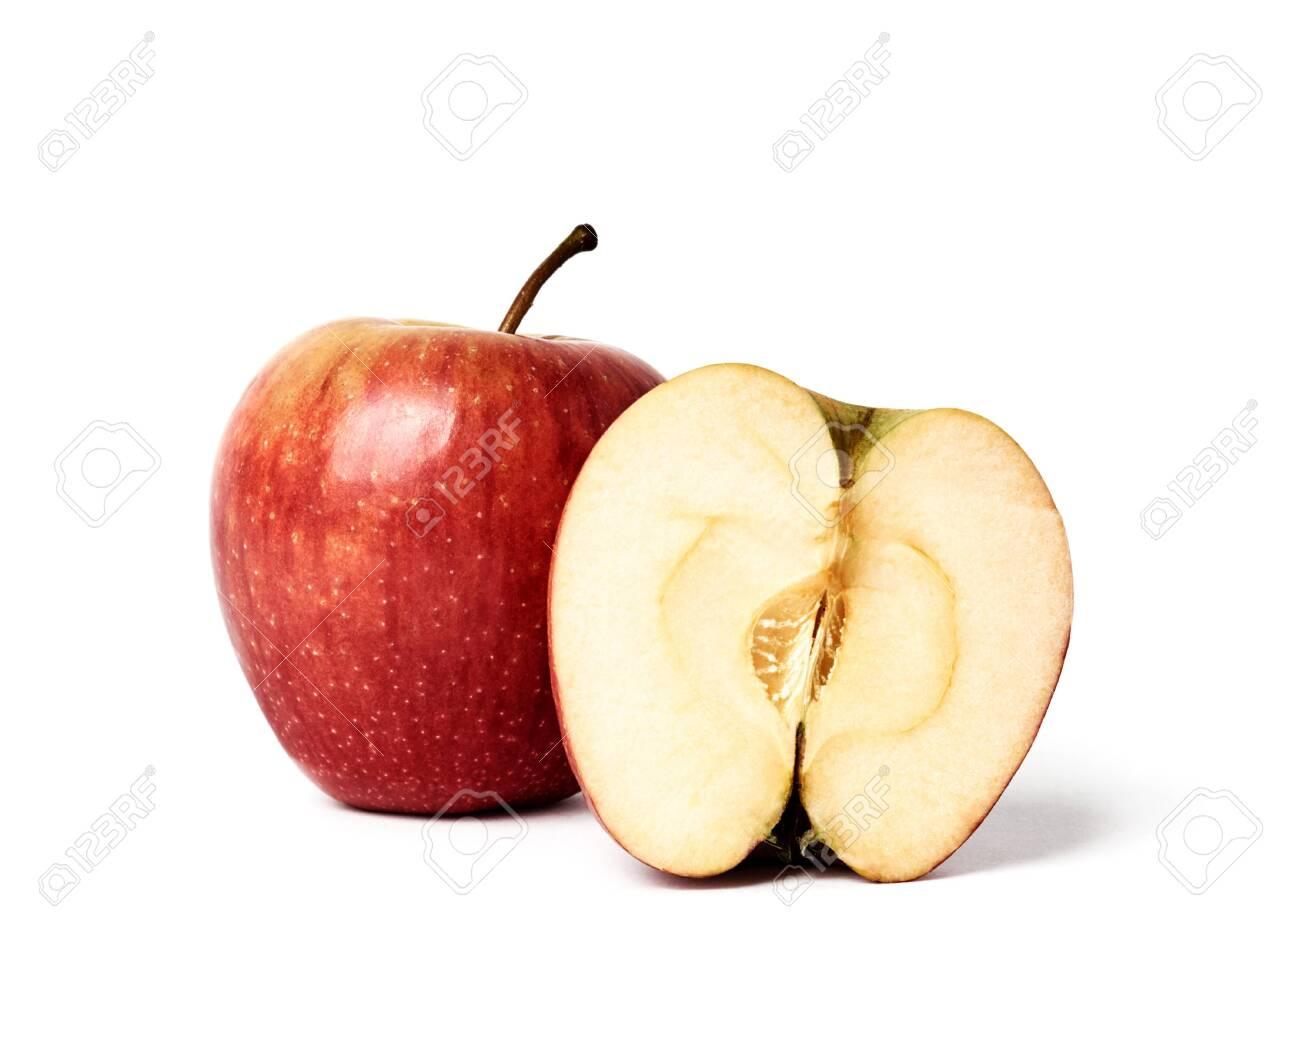 fresh apple isolated on white background - 145909158